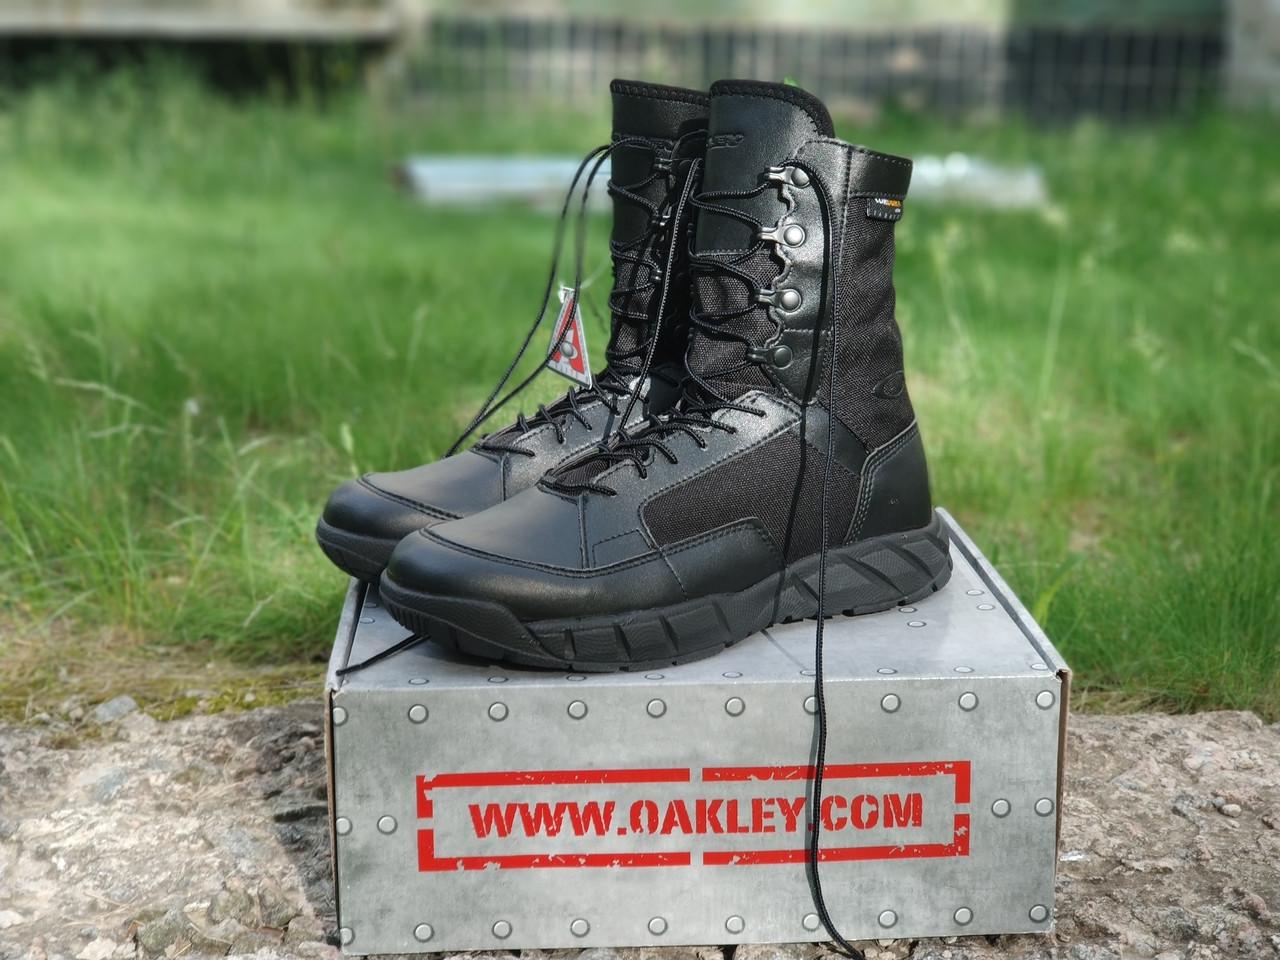 Тактичні кросівки полегшені, літні черевики (берци) Oakley (boots-oakley) 45р.